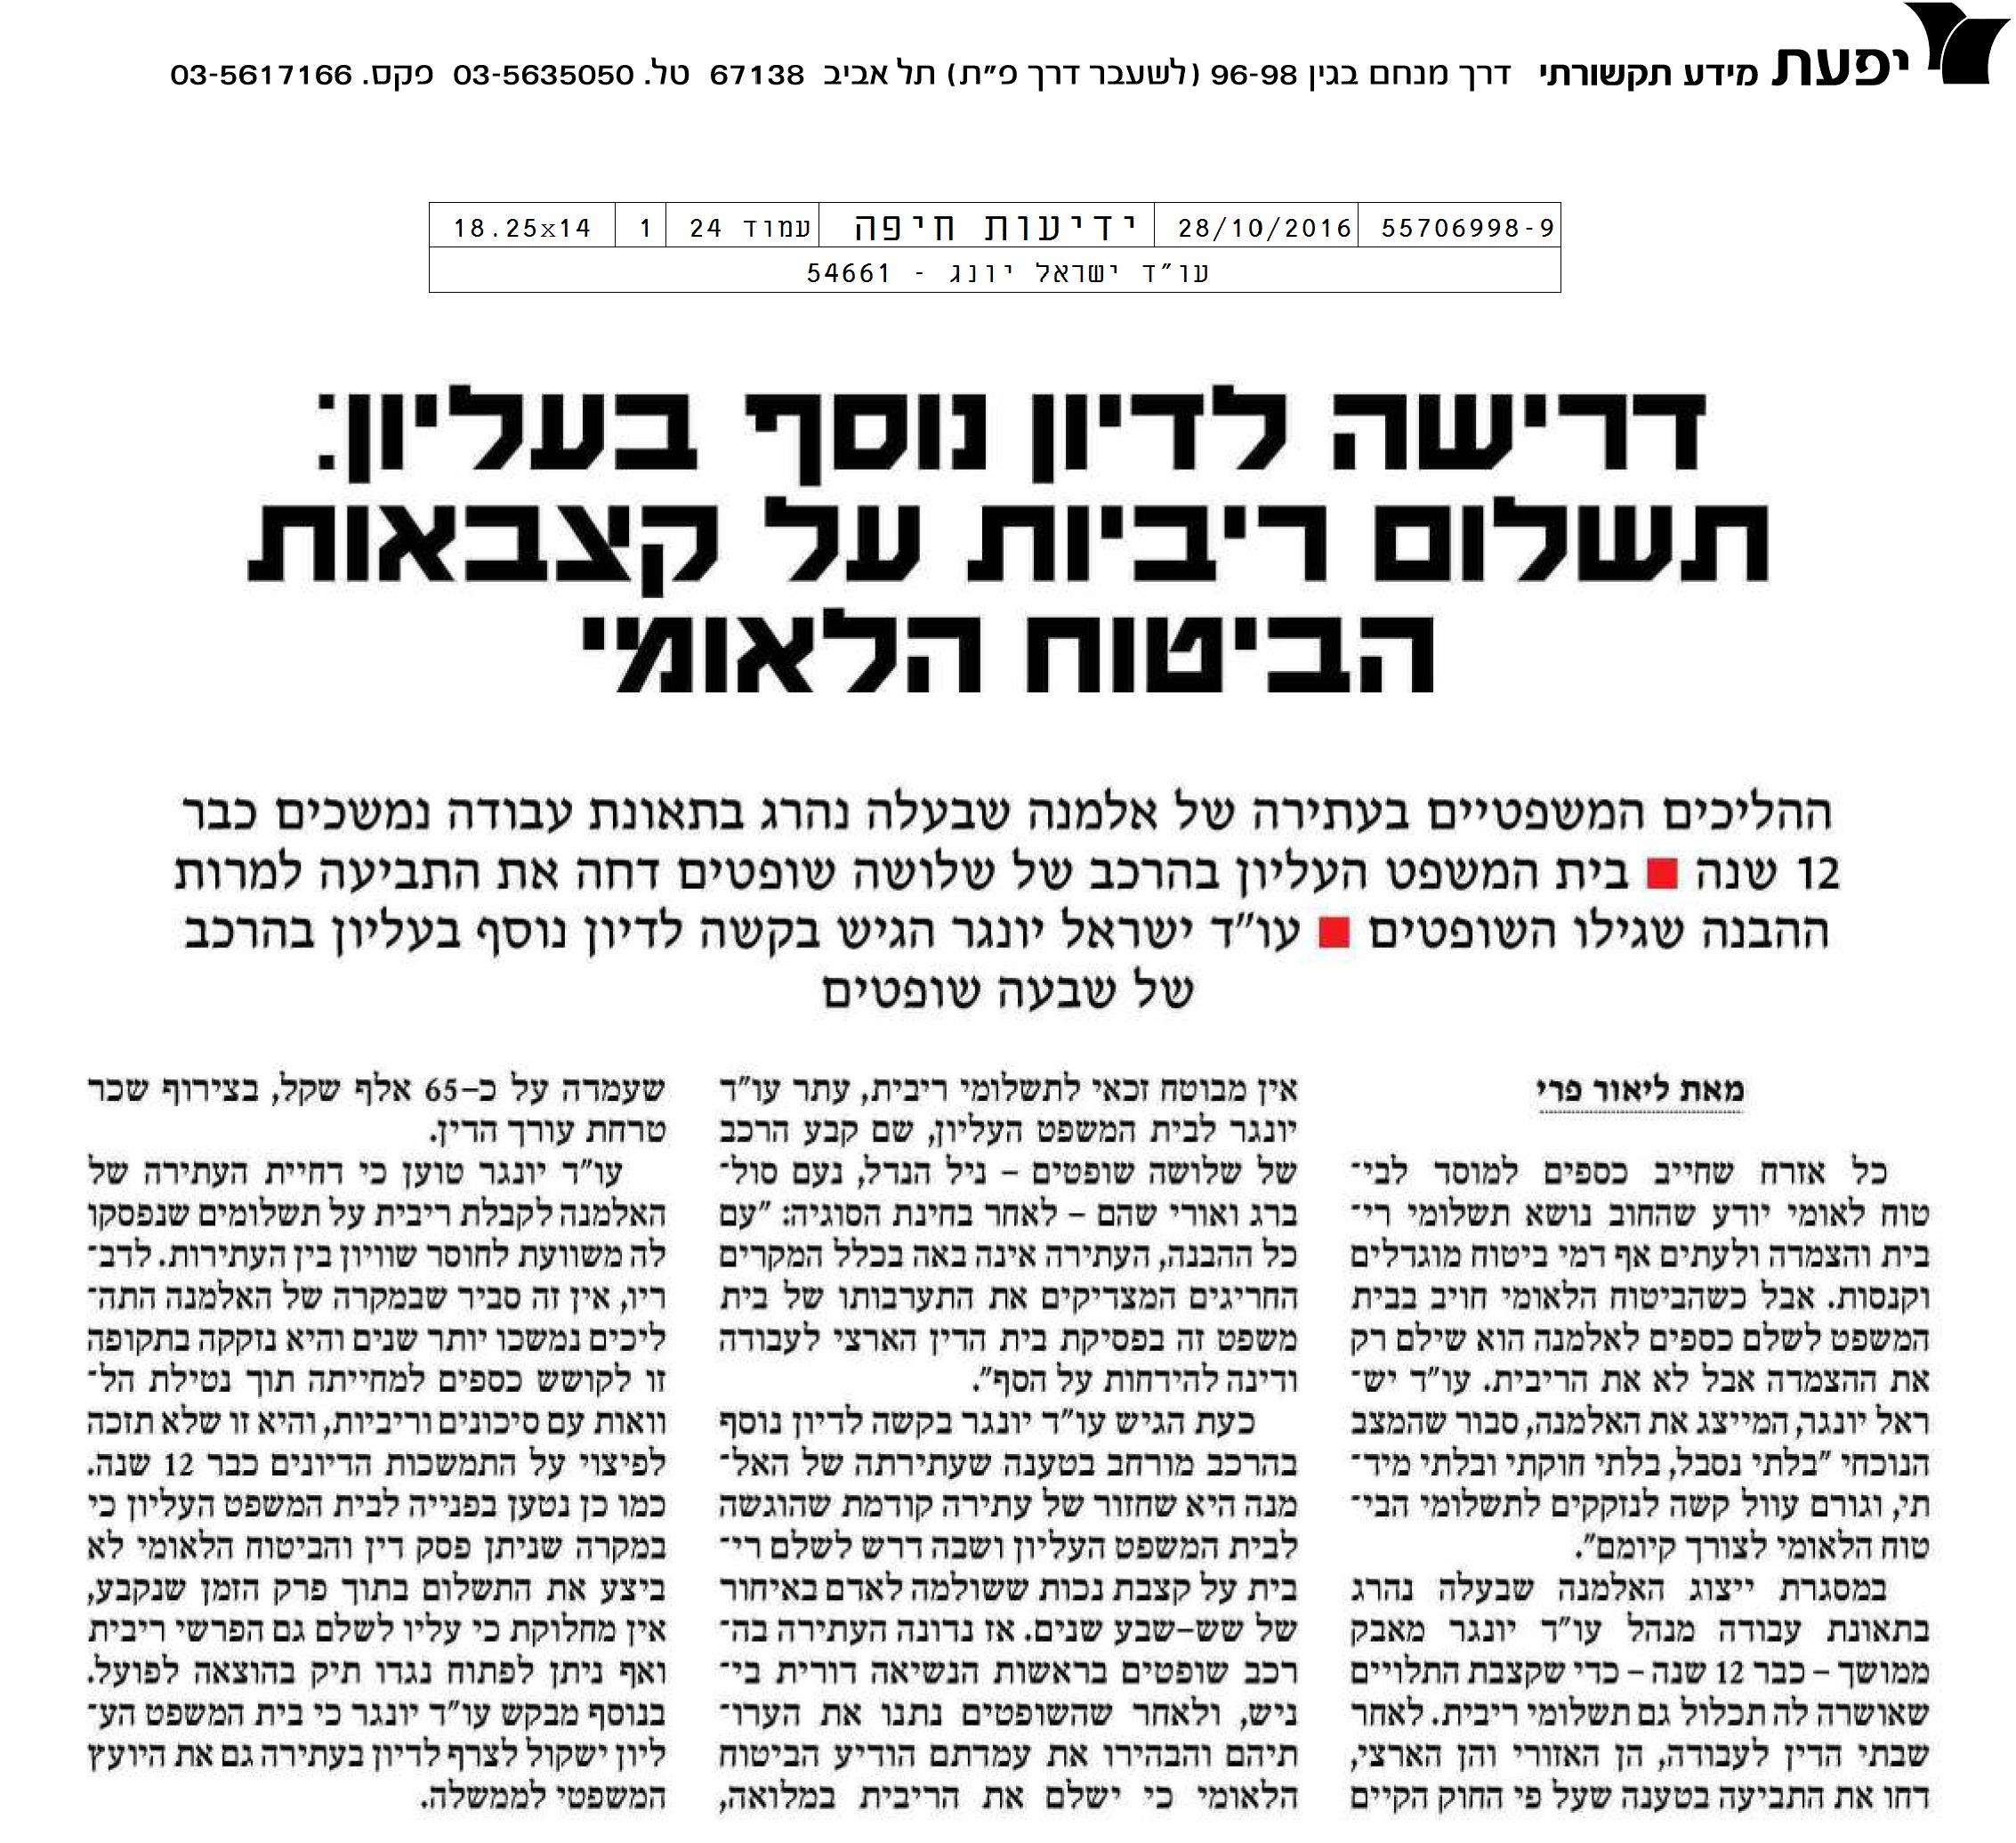 דרישה לדיון נוסף- ידיעות חיפה 28.10.16